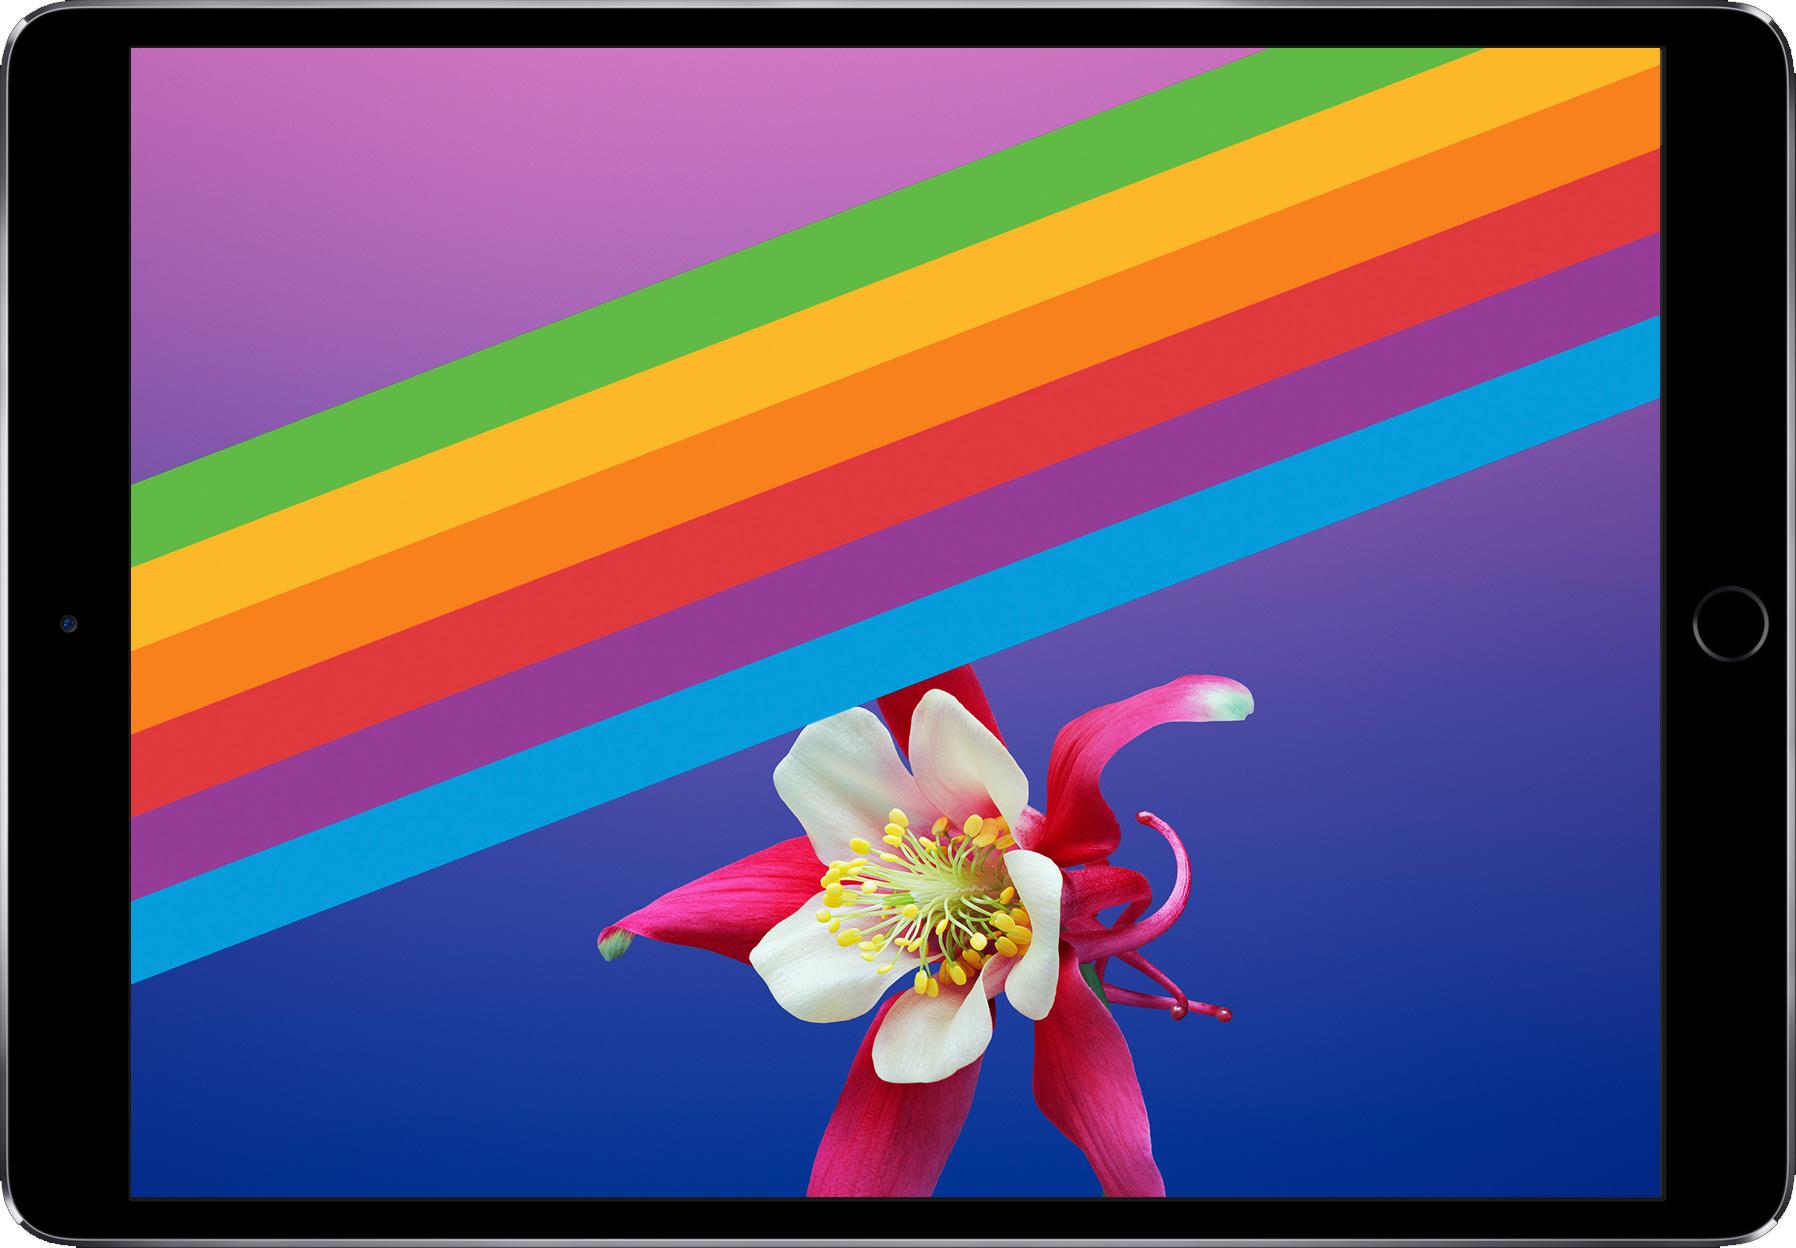 Fondos de pantalla dei OS 11 para iPad